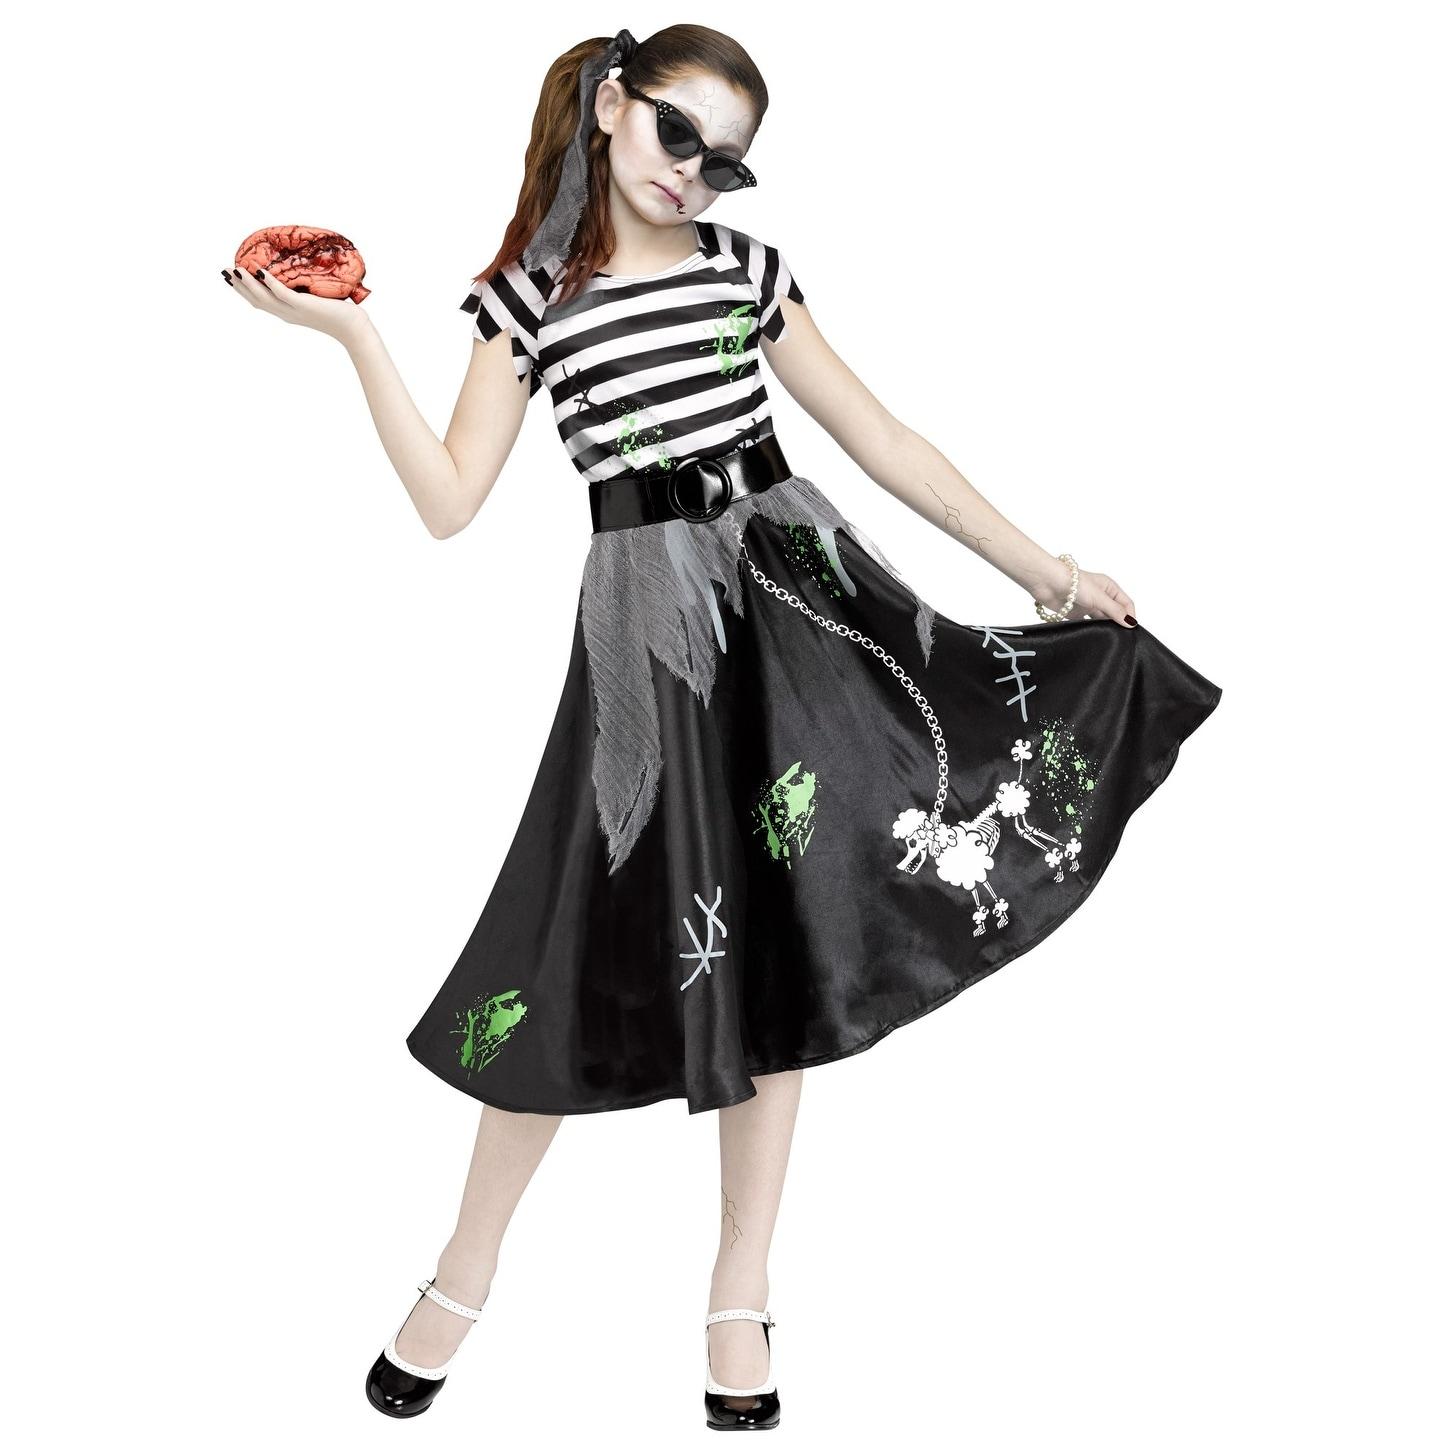 Black and White Sock Hop Zombie Girls Children Halloween Costume - Medium